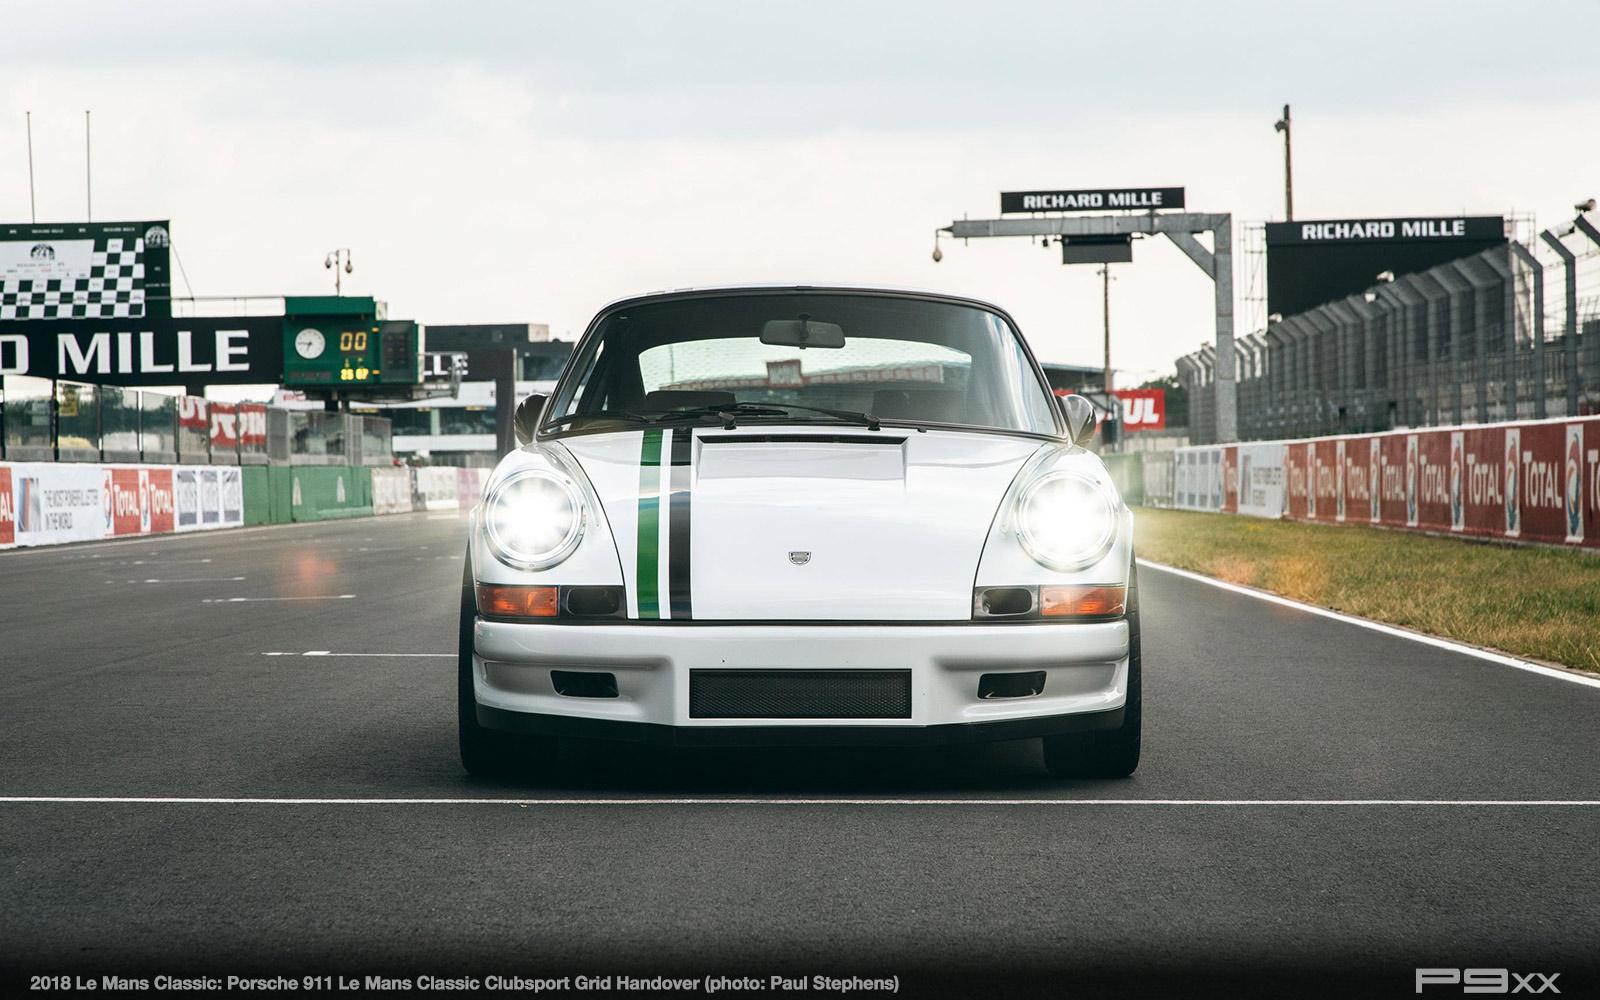 2018-Le-Mans-Classic-Porsche-302